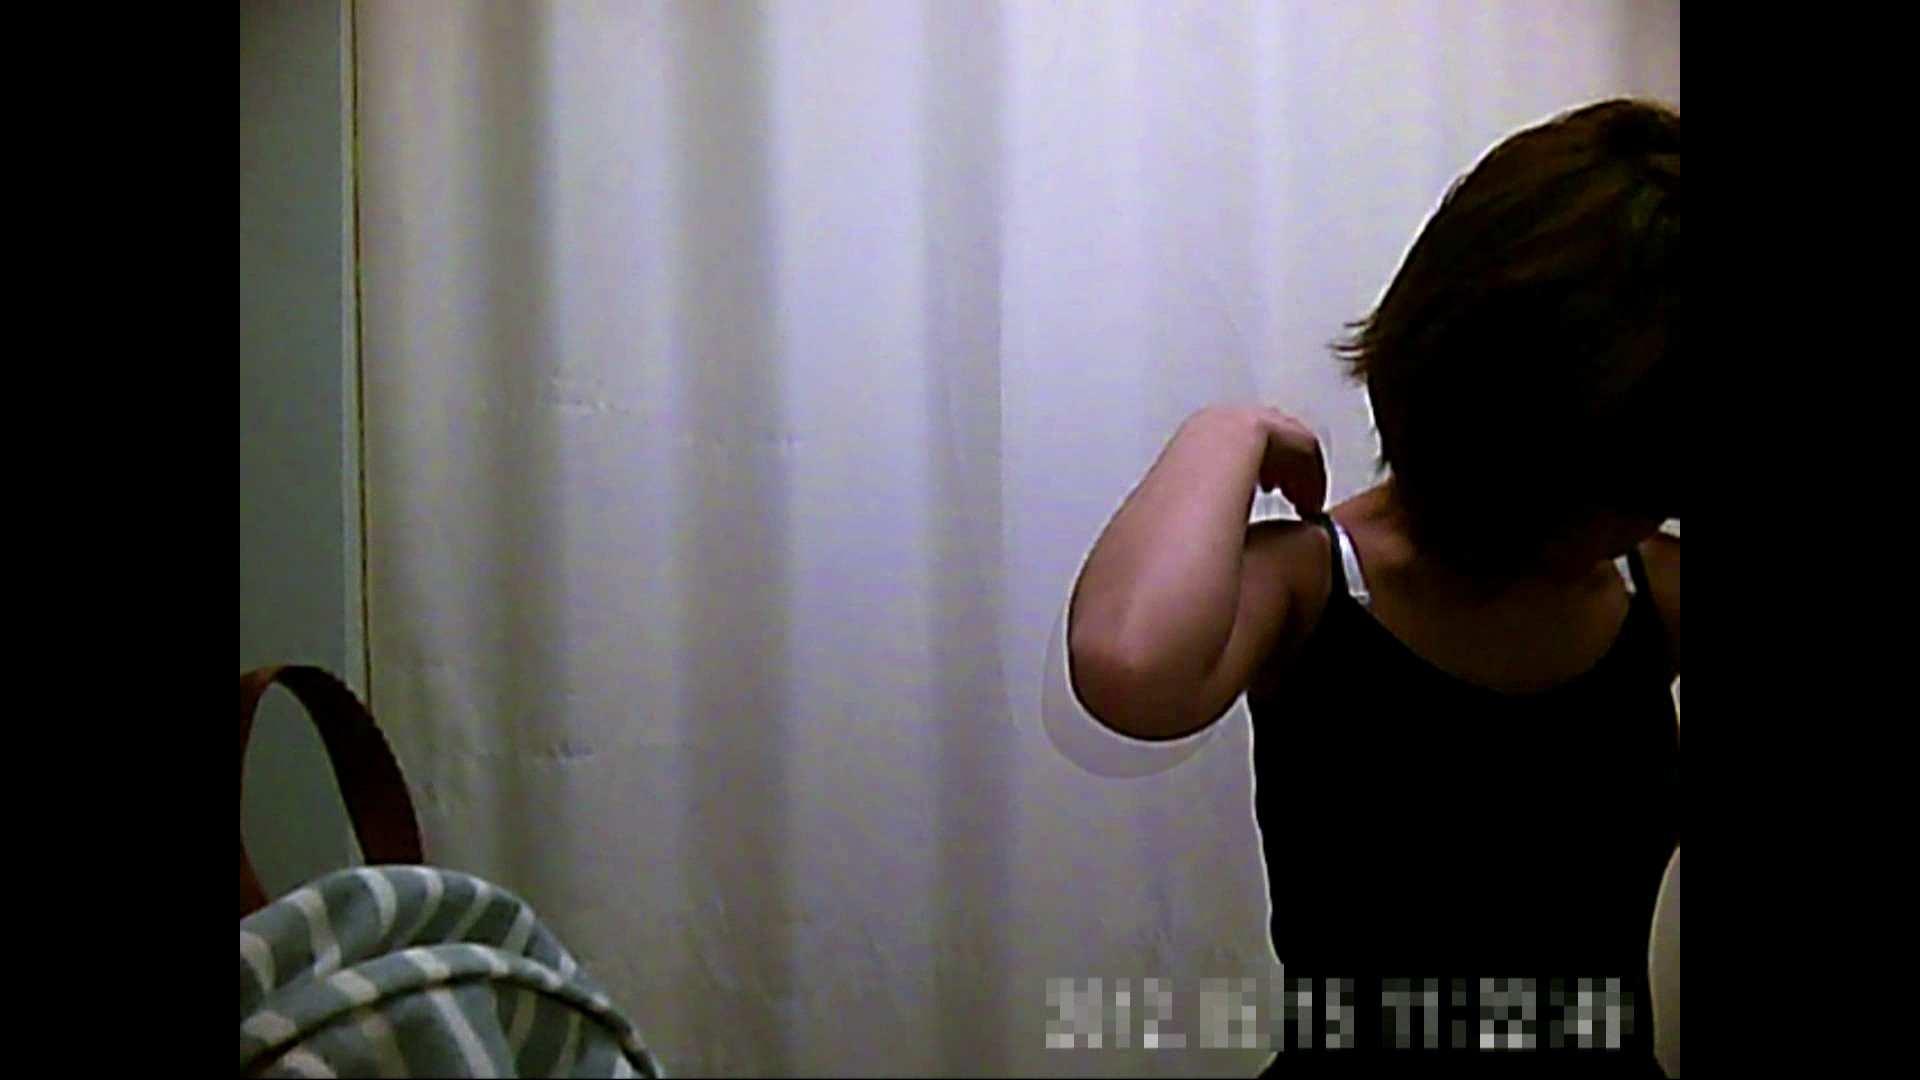 病院おもいっきり着替え! vol.290 貧乳 オメコ無修正動画無料 94pic 20